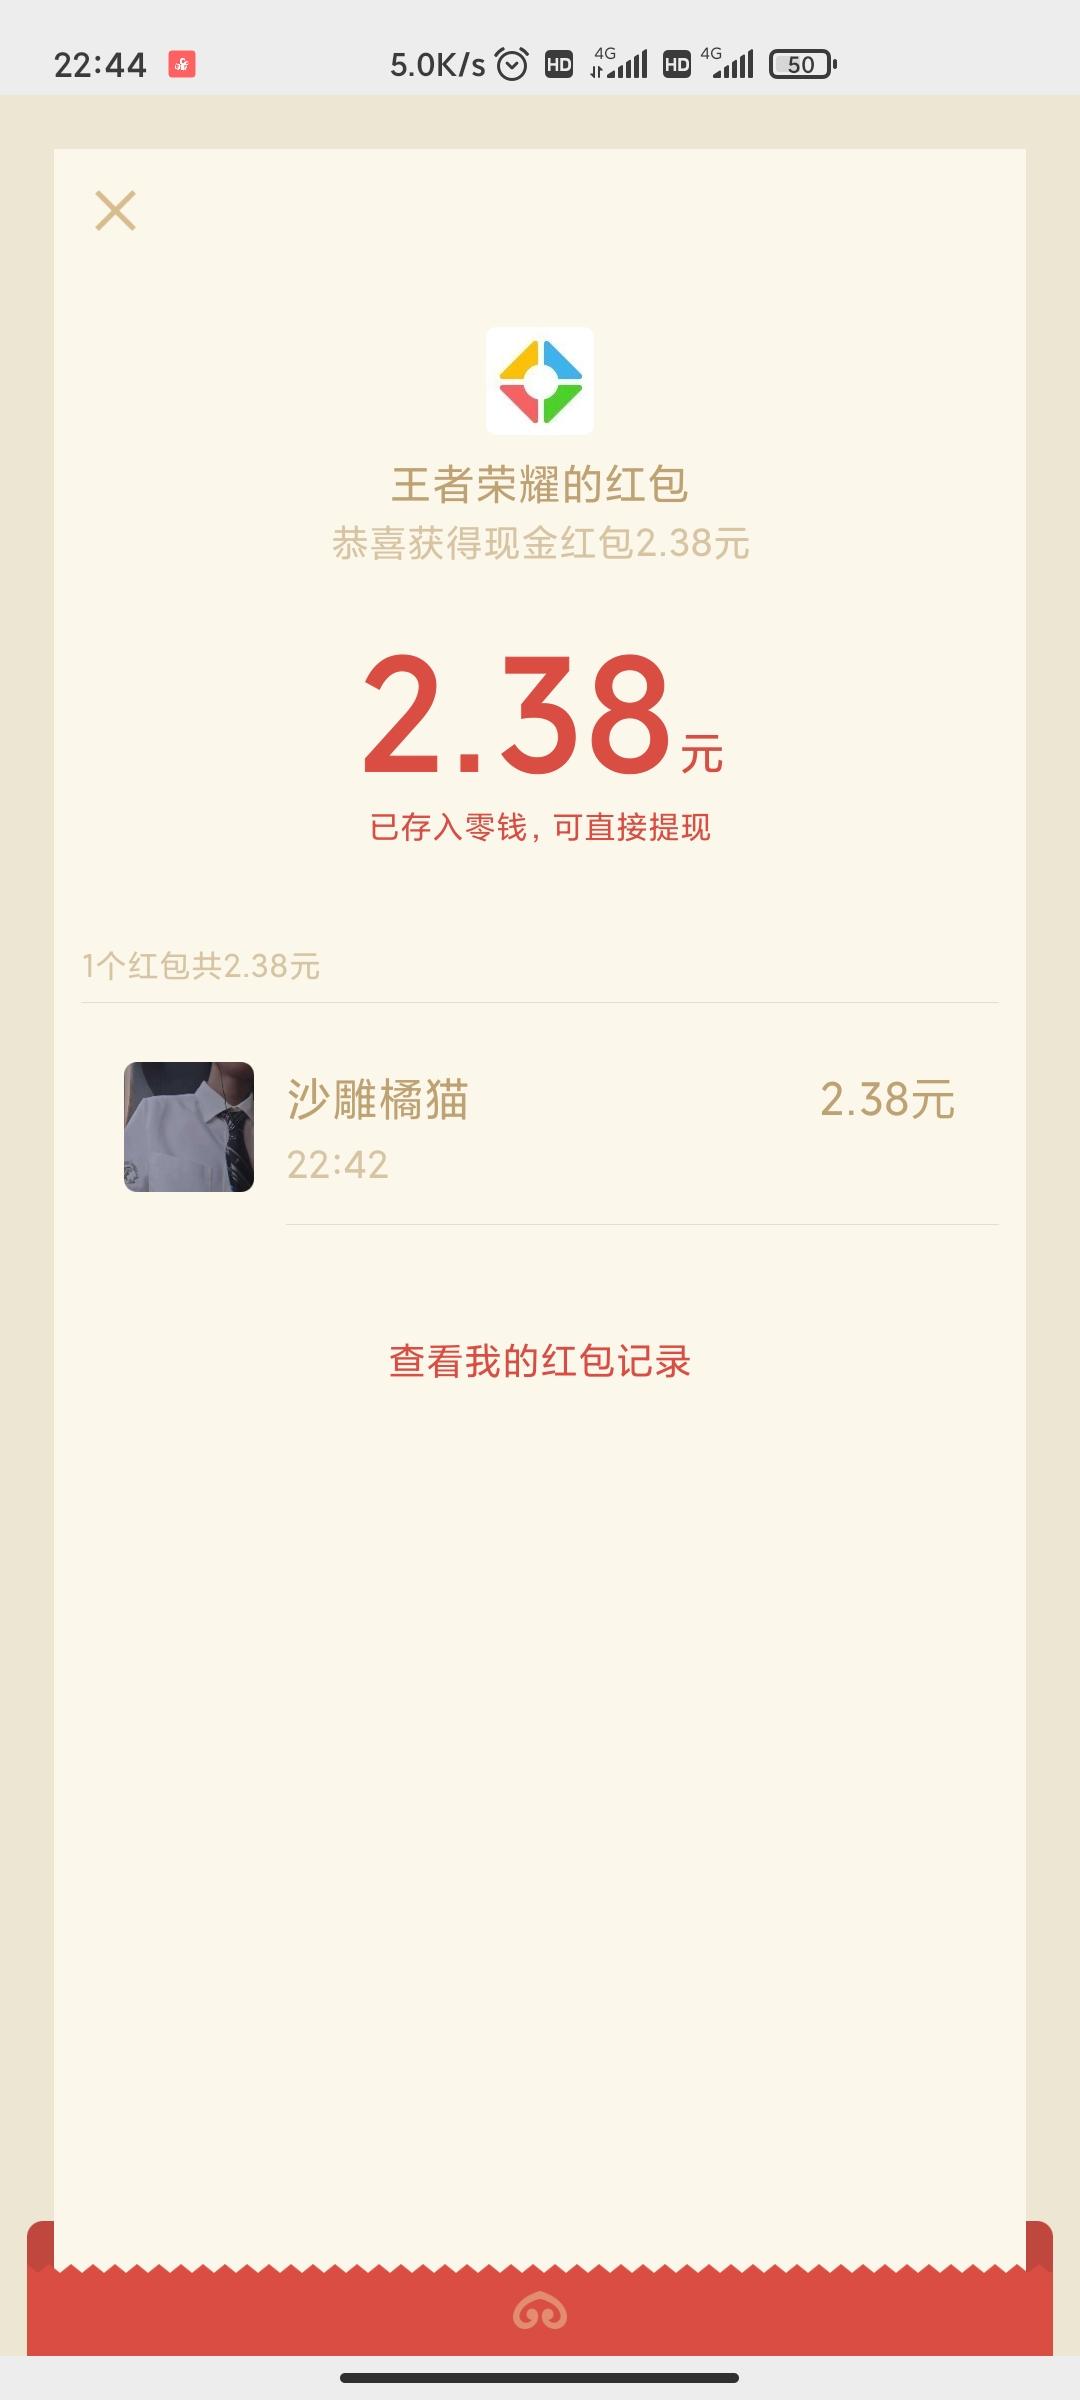 图片[5]-王者荣耀微信区抽红包-老友薅羊毛活动线报网